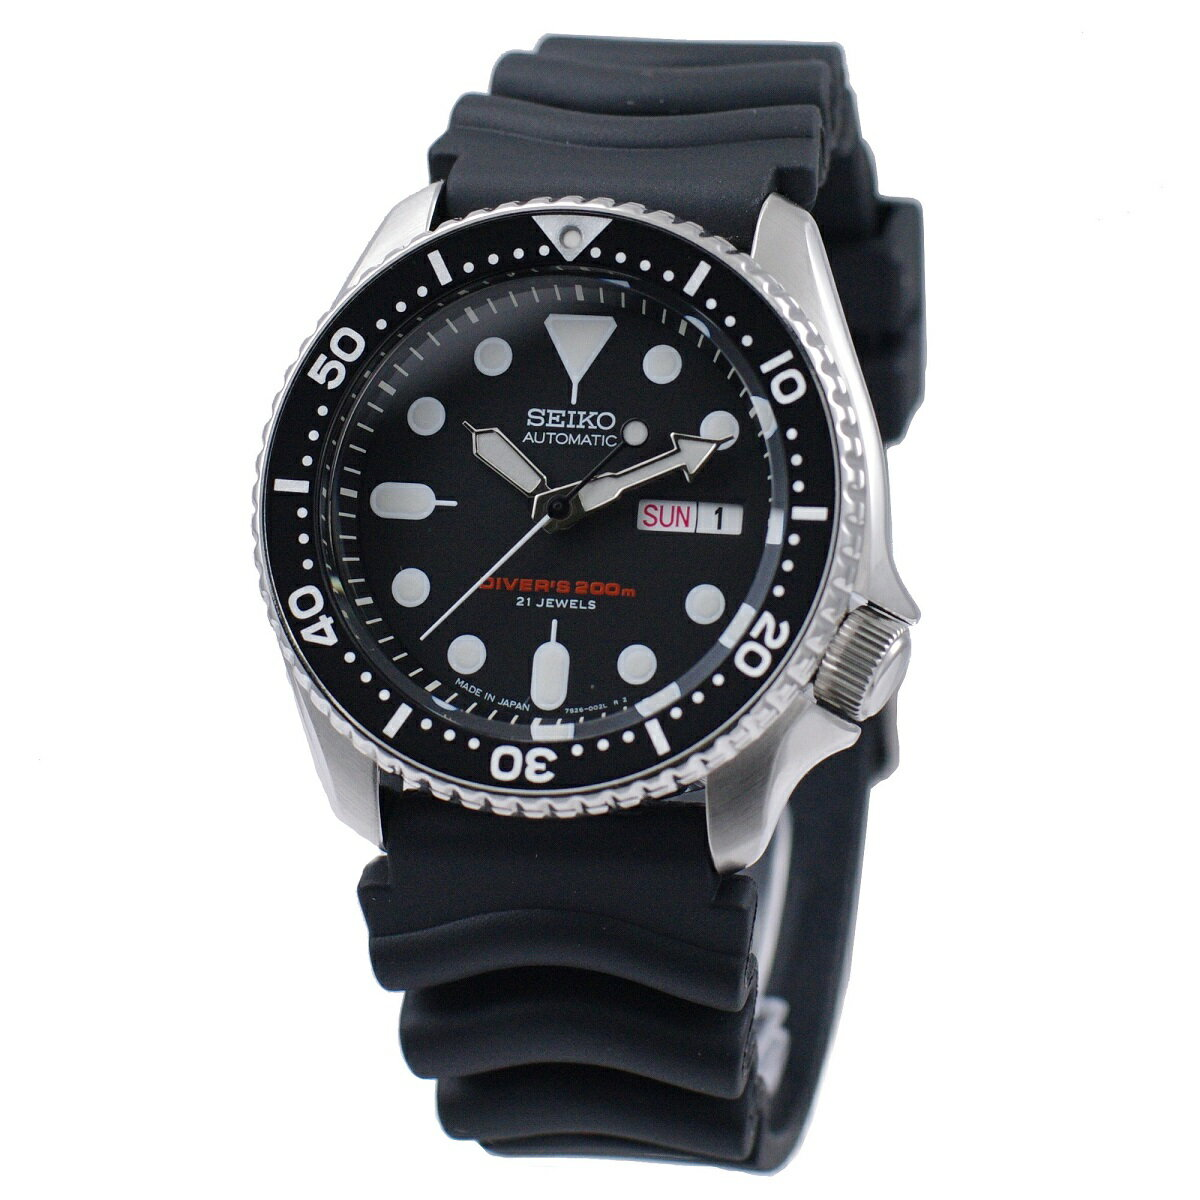 セイコー SEIKO 腕時計 海外モデル 自動巻き 日本製 ダイバーズ 200M防水 BLACK BOY ブラックボーイ SKX007J1 メンズ [逆輸入品]